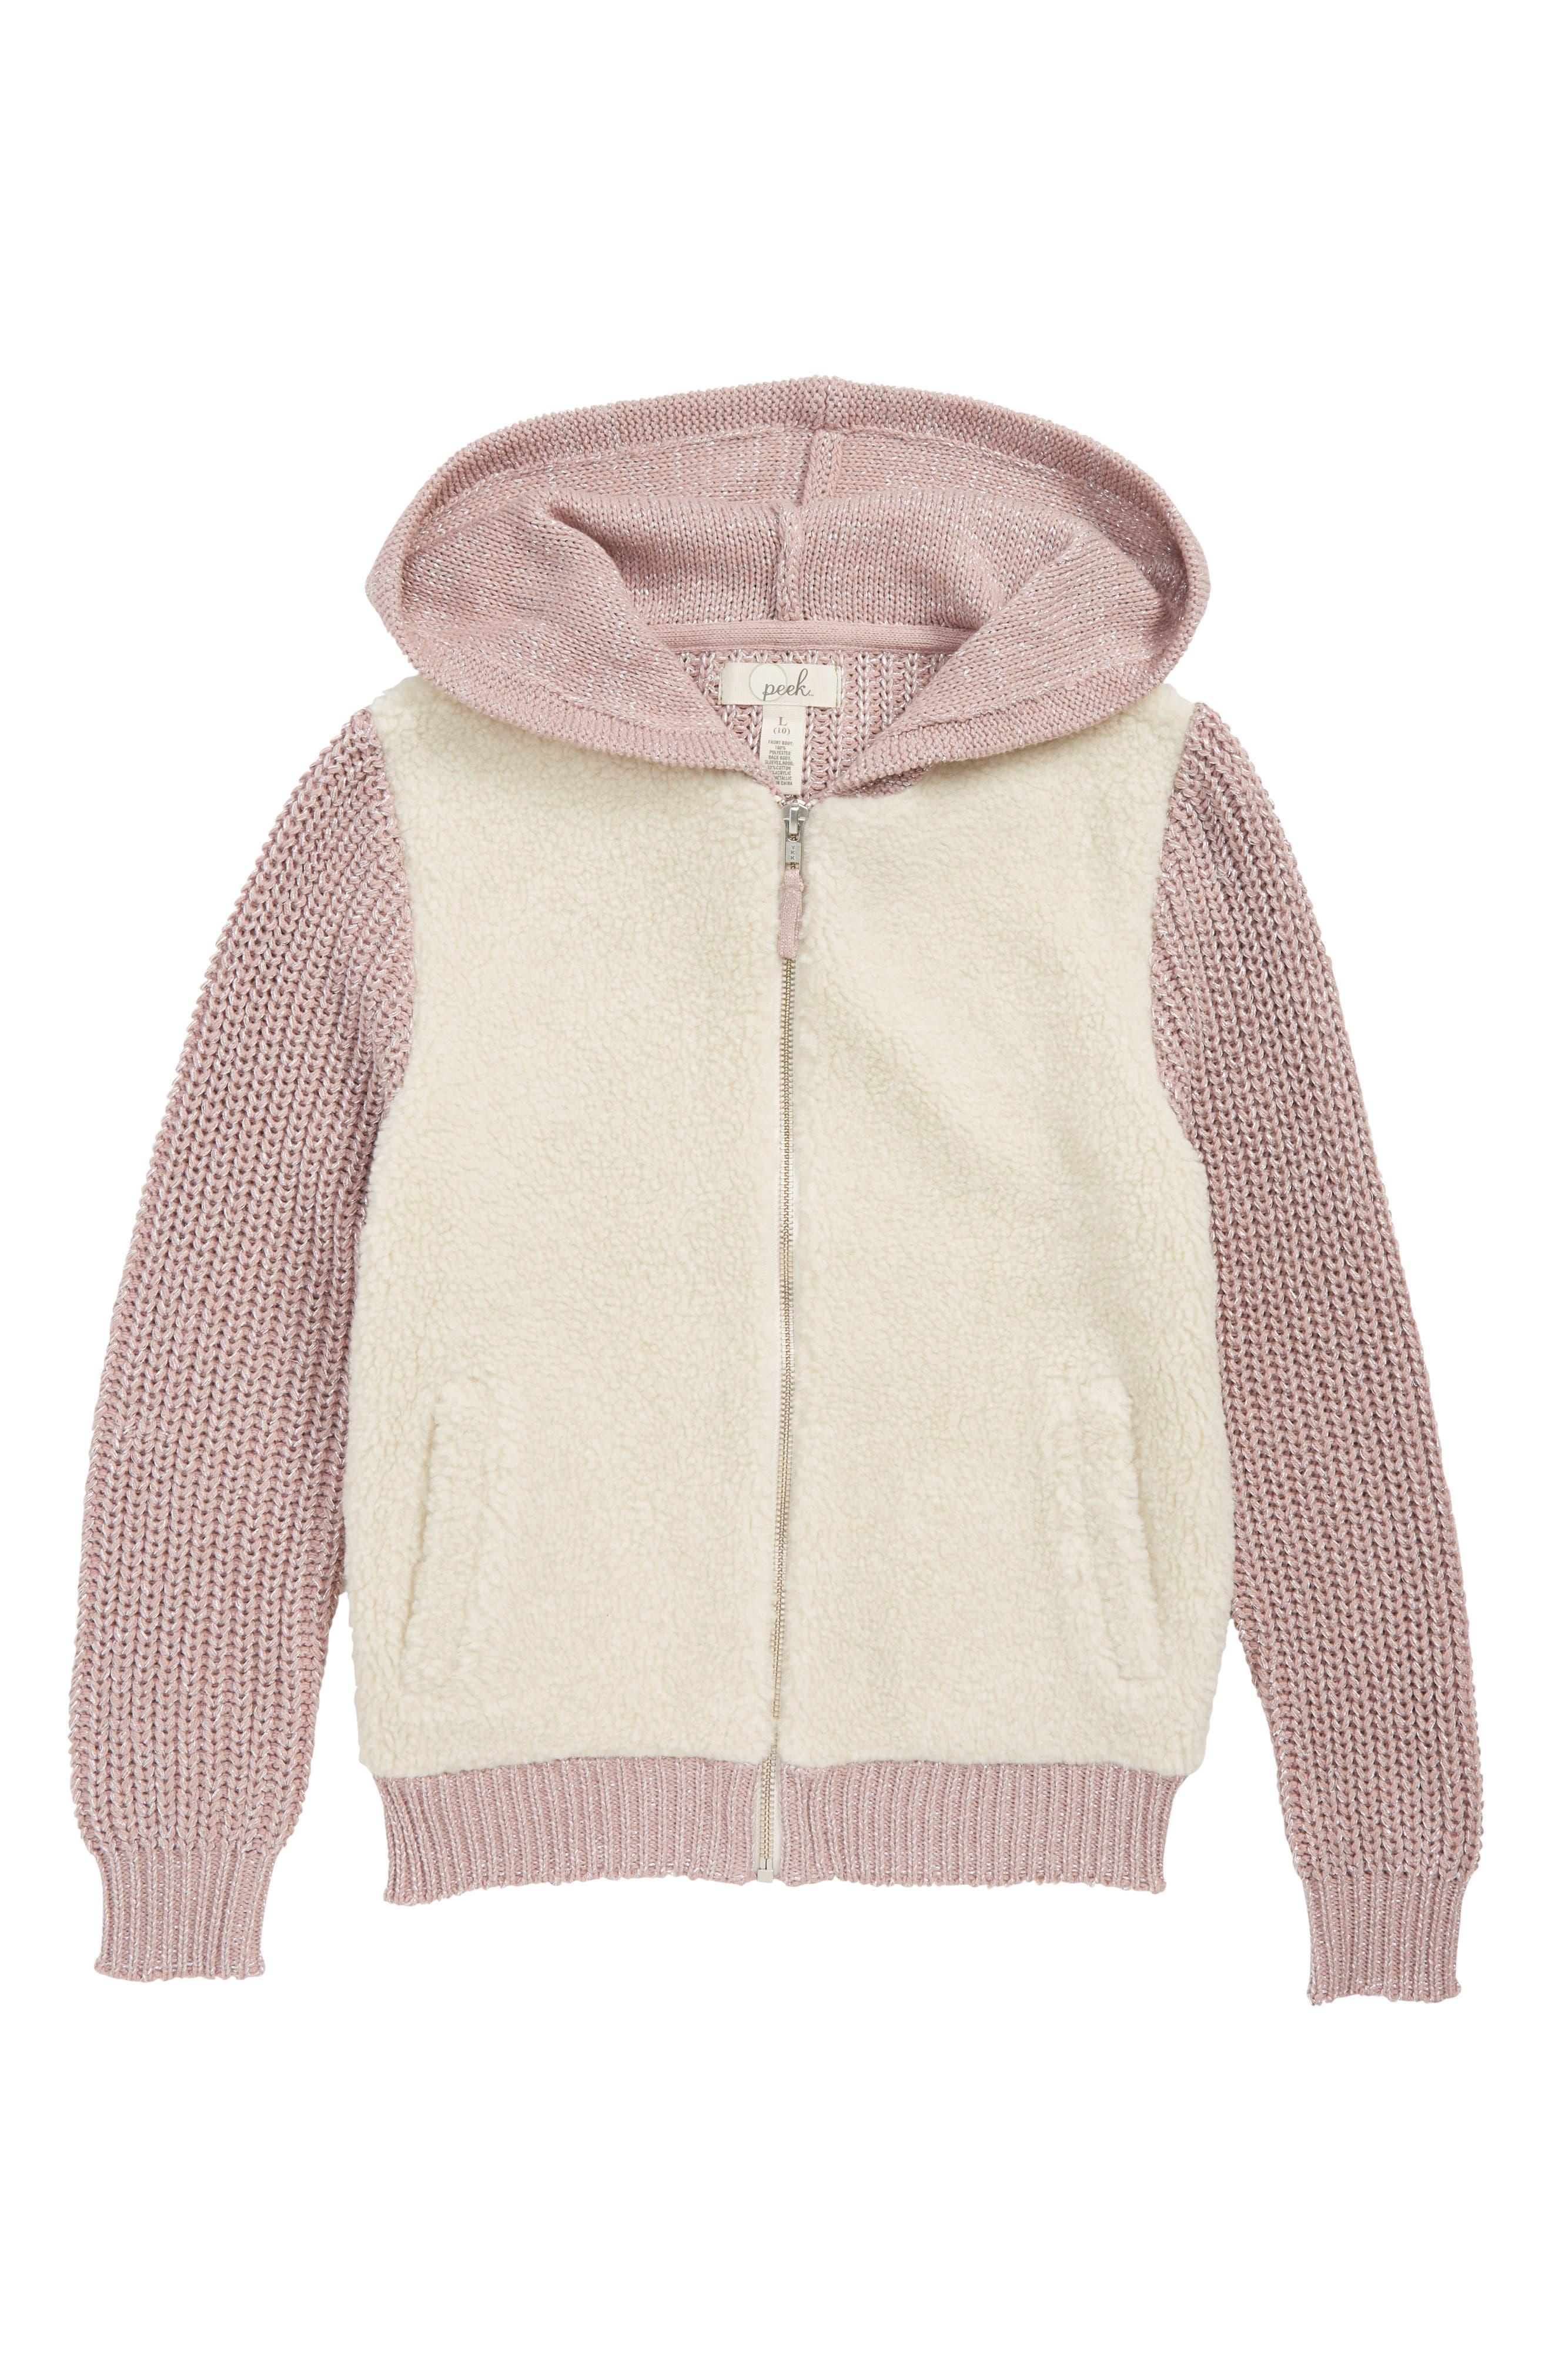 Ivy Jacket,                             Main thumbnail 1, color,                             ROSE PINK